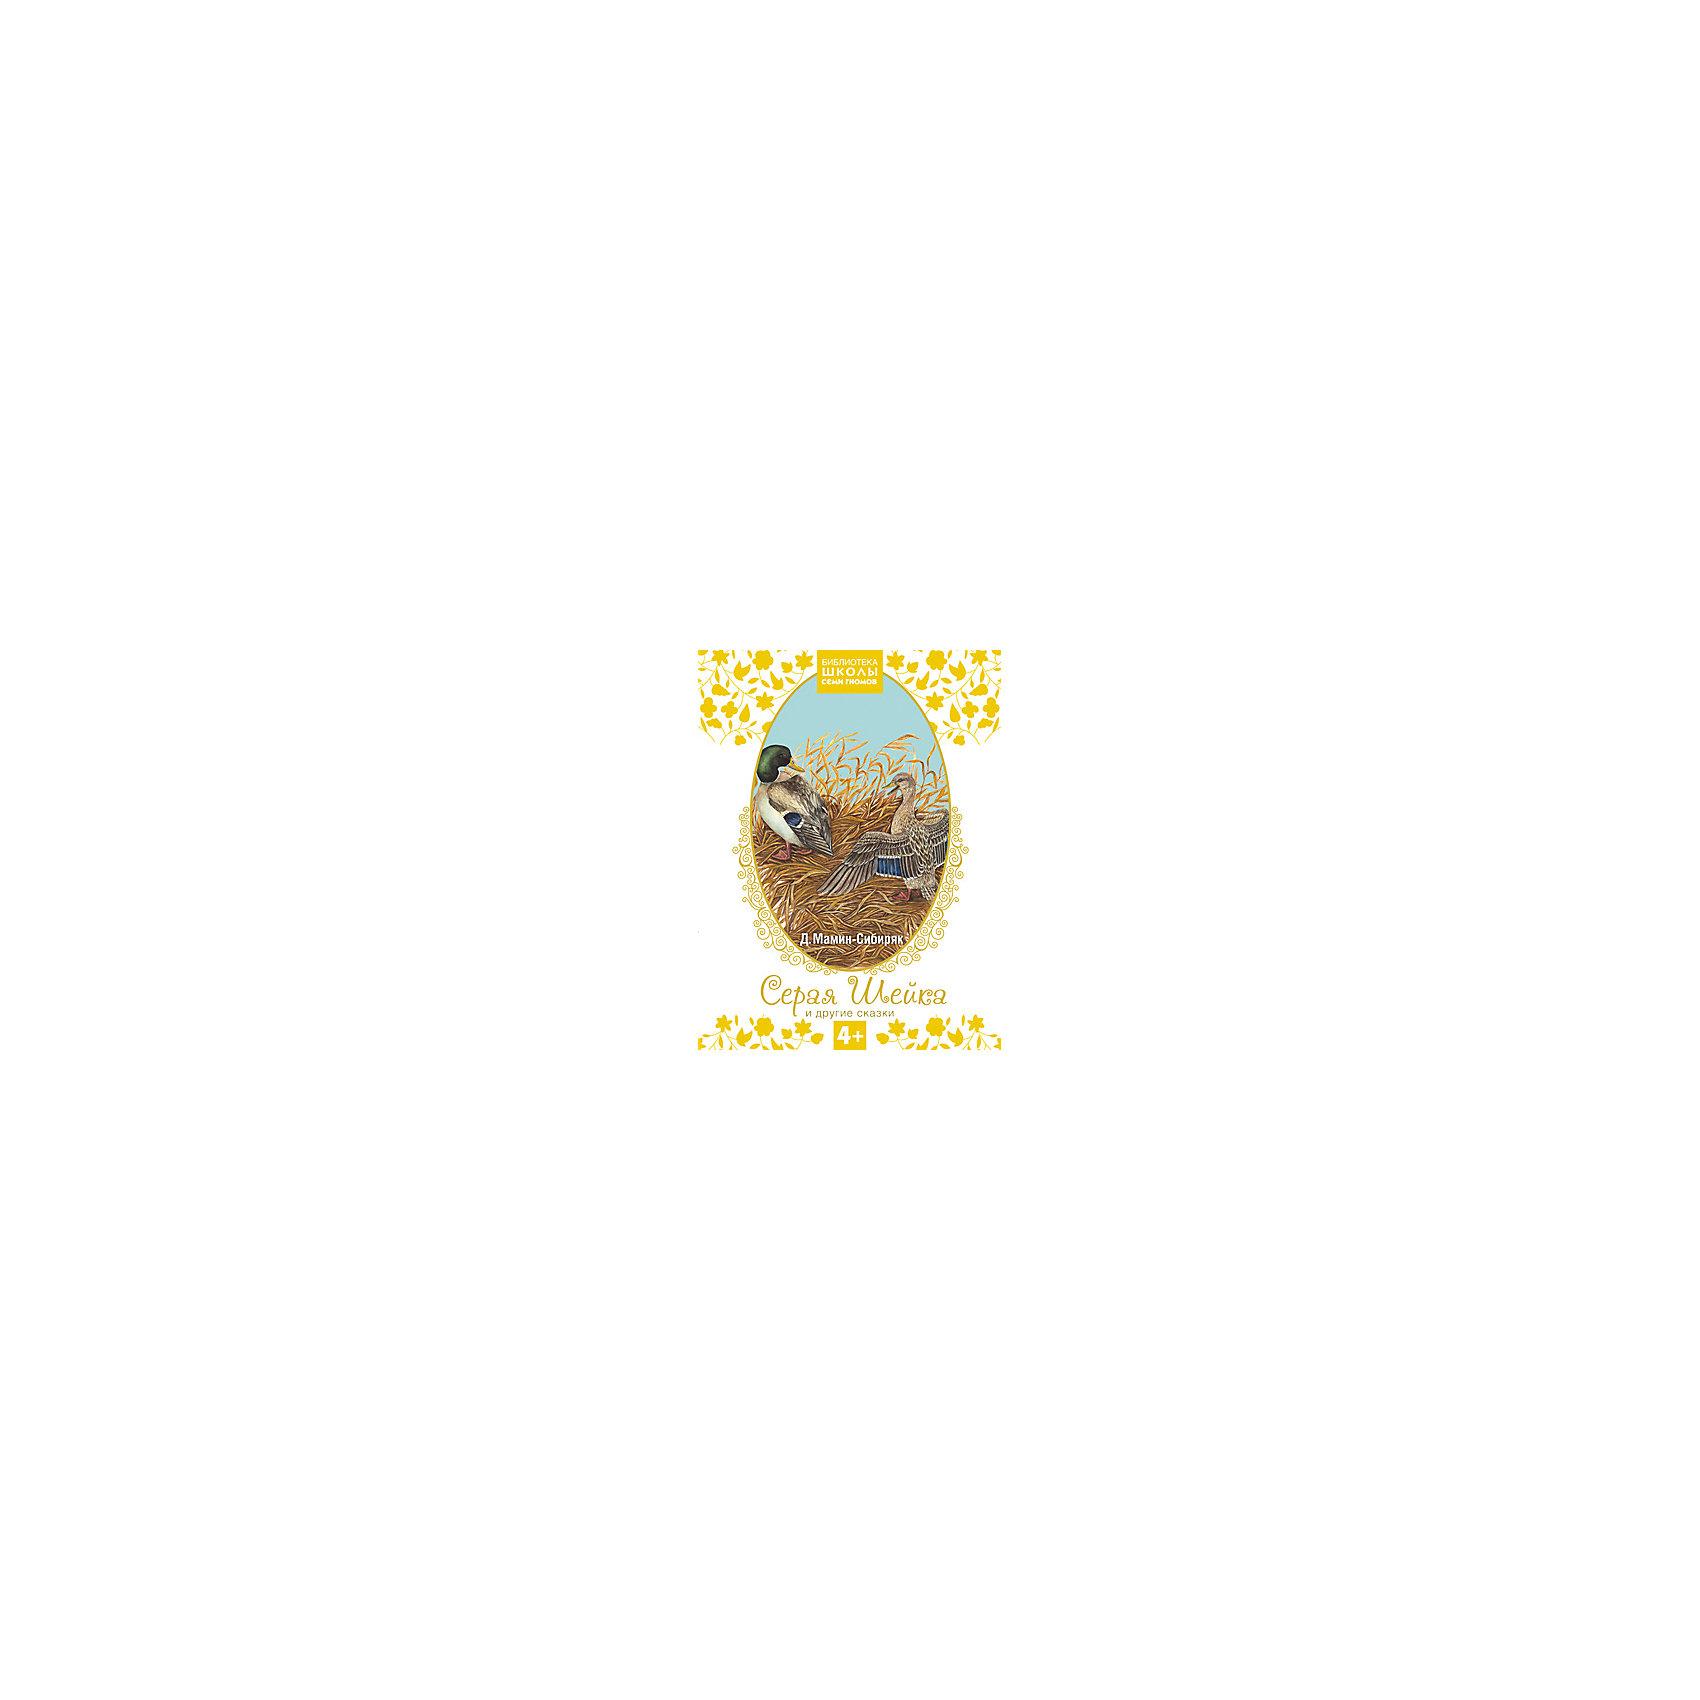 Серая Шейка и другие сказки, Школа Семи ГномовСказки<br>Характеристики товара:<br><br>• возраст: от 4 лет<br>• содержание: Серая шейка, Аленушки сказки (Сказка про храброго Зайца – длинные уши, косые глаза, короткий хвост; Сказка про Комара Комаровича – длинный нос и мохнатого Мишу – короткий хвост)<br>• автор: Мамин-Сибиряк Дмитрий Наркисович<br>• художник: Никифорова Д.<br>• издательство: Мозаика-Синтез, 2014 г.<br>• серия: Библиотека Школы Семи Гномов<br>• тип обложки: 7Б - твердая (плотная бумага или картон)<br>• оформление: тиснение золотом, частичная лакировка<br>• иллюстрации: цветные<br>• количество страниц: 40 (мелованная)<br>• размер: 29,6х22,2х1,1 см.<br>• вес: 536 гр.<br>• ISBN: 9785431500756<br><br>Книга сказок Дмитрия Мамина-Сибиряка прекрасно подходит для знакомства детей с животными средней полосы. Автору удалось органично соединить сказочные сюжеты с правдивым описанием жизни птиц, зверей и насекомых.<br><br>Слушая трогательную историю о том, как уточка Серая Шейка осталась одна зимовать на реке и чудом спаслась от Лисы, ребята узнают, каких птиц называют перелетными и как происходит смена времен года. Необыкновенно реалистичные иллюстрации к сказке перенесут маленьких читателей сначала в осенний лес, а затем в зимний. Можно бесконечно долго любоваться яркими гроздьями рябины, цветными листьями клена, белоснежными полями, зелеными еловыми лапами.<br><br>В сборник также входят две «Аленушкины сказки»: Сказка про храброго Зайца - длинные уши, косые глаза, короткий хвост и Сказка про Комара Комаровича - длинный нос и мохнатого Мишу - короткий хвост.<br><br>Книга прекрасно оформлена: белоснежная плотная мелованная бумага, крупный четкий шрифт, красочные иллюстрации, изображающие персонажей произведений в натуралистичных цветах, спокойной цветовой гамме. Книга включает полные классические тексты произведений.<br><br>Книгу «Серая Шейка и другие сказки», Школа Семи Гномов можно купить в нашем интернет-магазине.<br><br>Ширина мм: 10<br>Глубина мм: 220<br>Вы